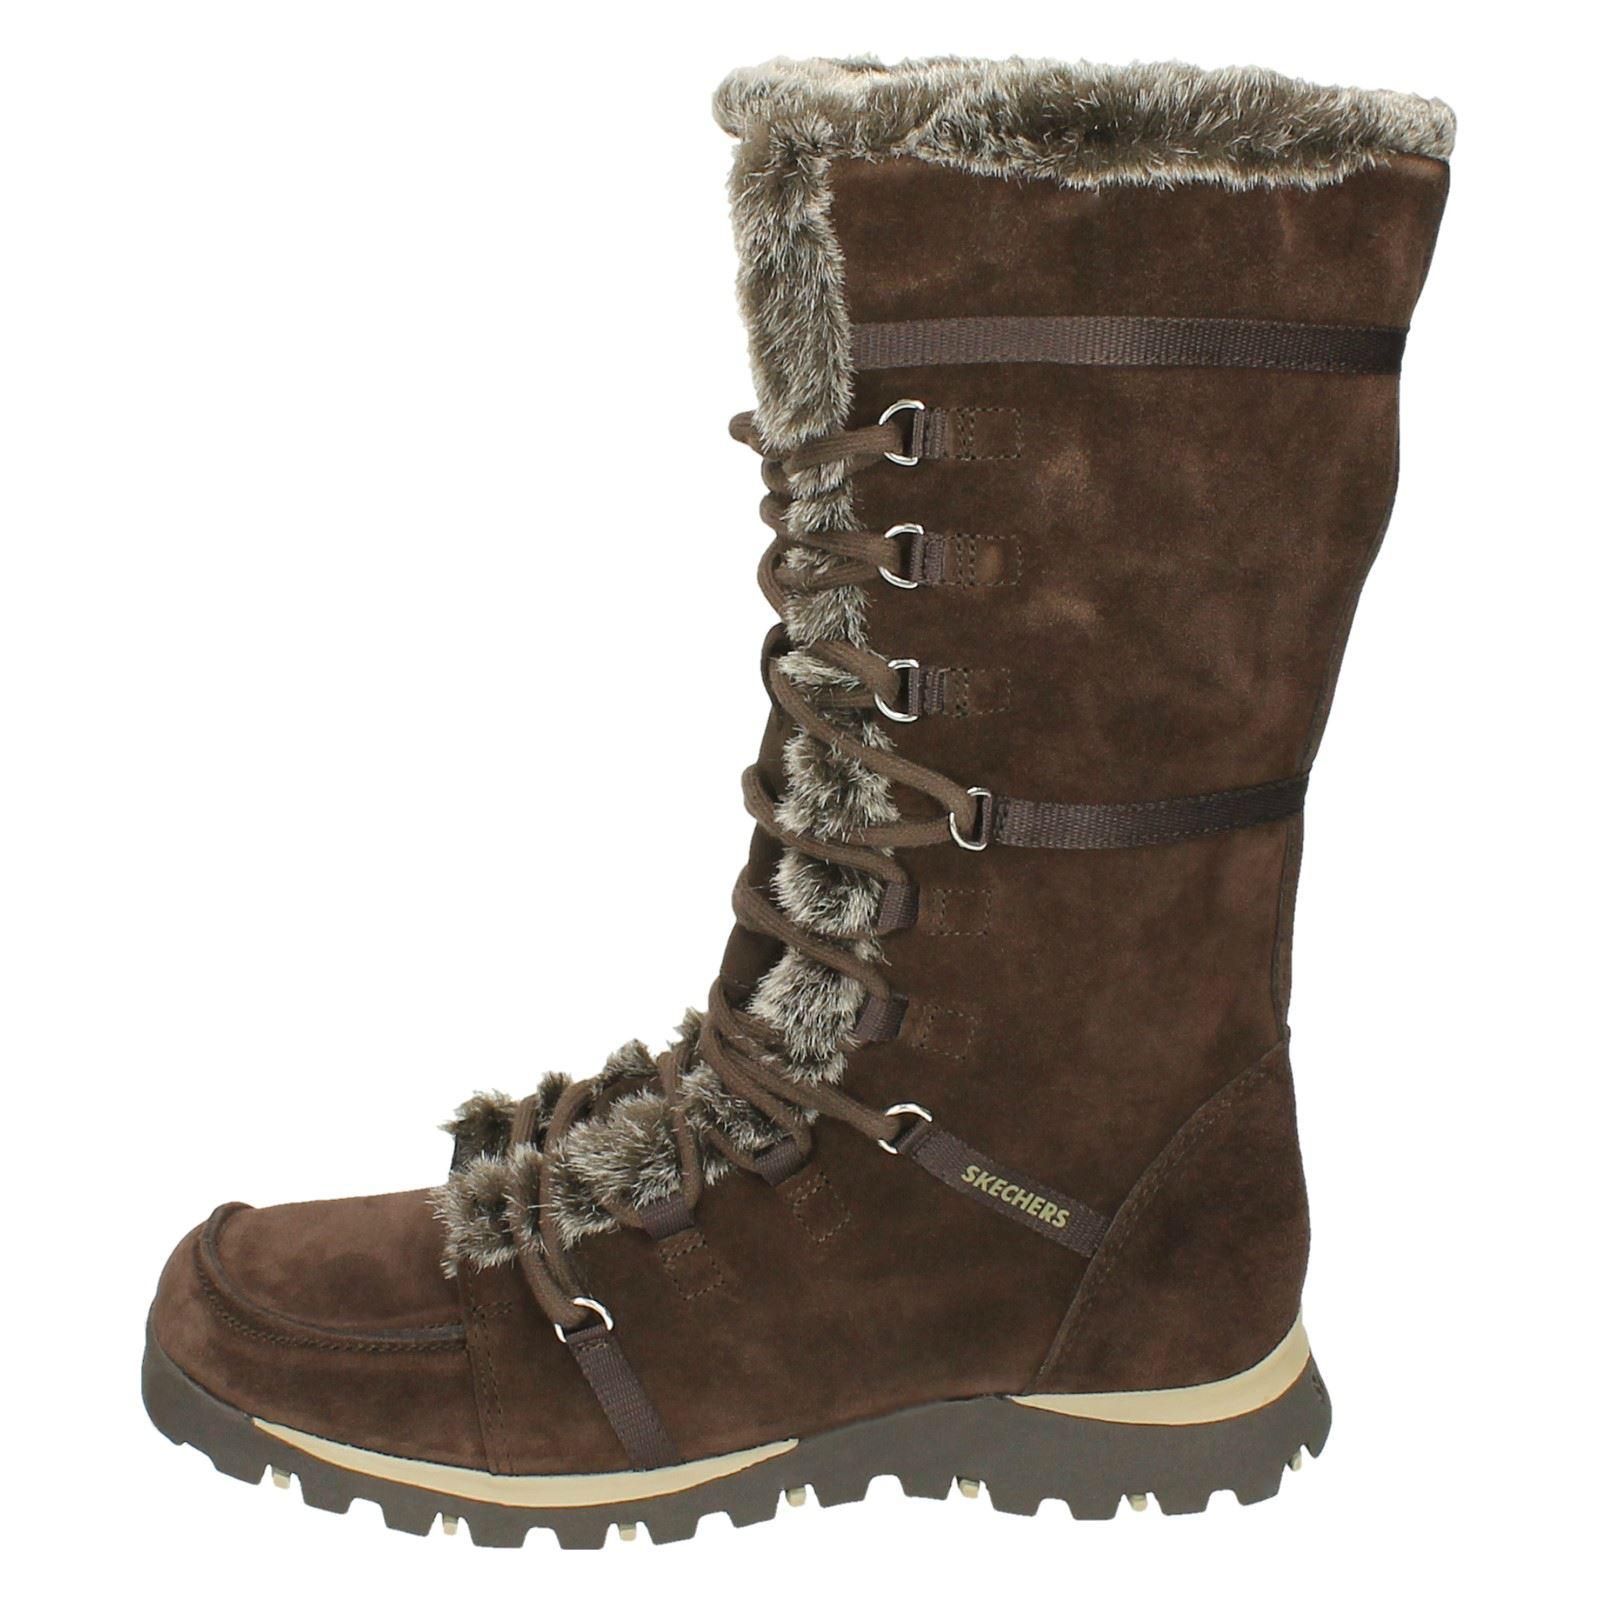 Zapatos especiales con descuento Ladies Skechers Mid Calf Winter Boots Grand Jams Unlimited